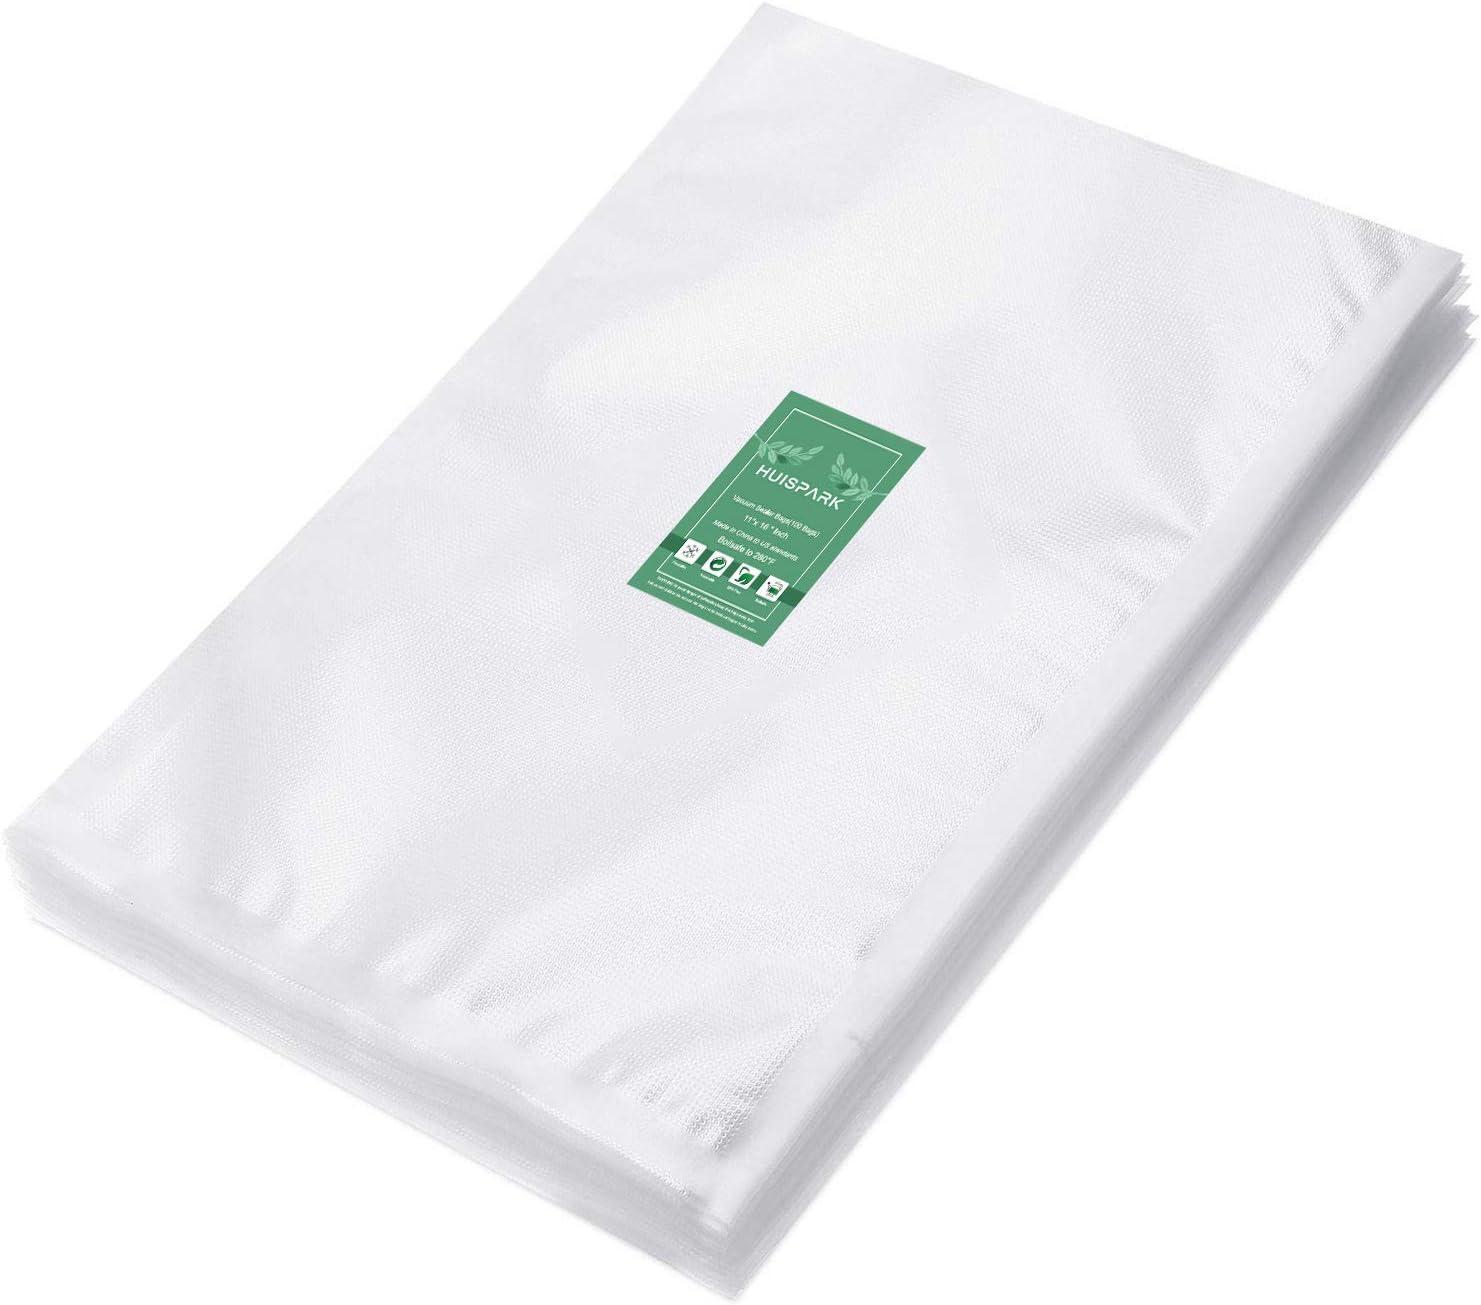 11×16 Inch Vacuum Sealer Bags,Pre-Cut Design Bags for Vacuum Sealer Heat Seal Bag Boilsafe Freezable Resizable (50PCS)